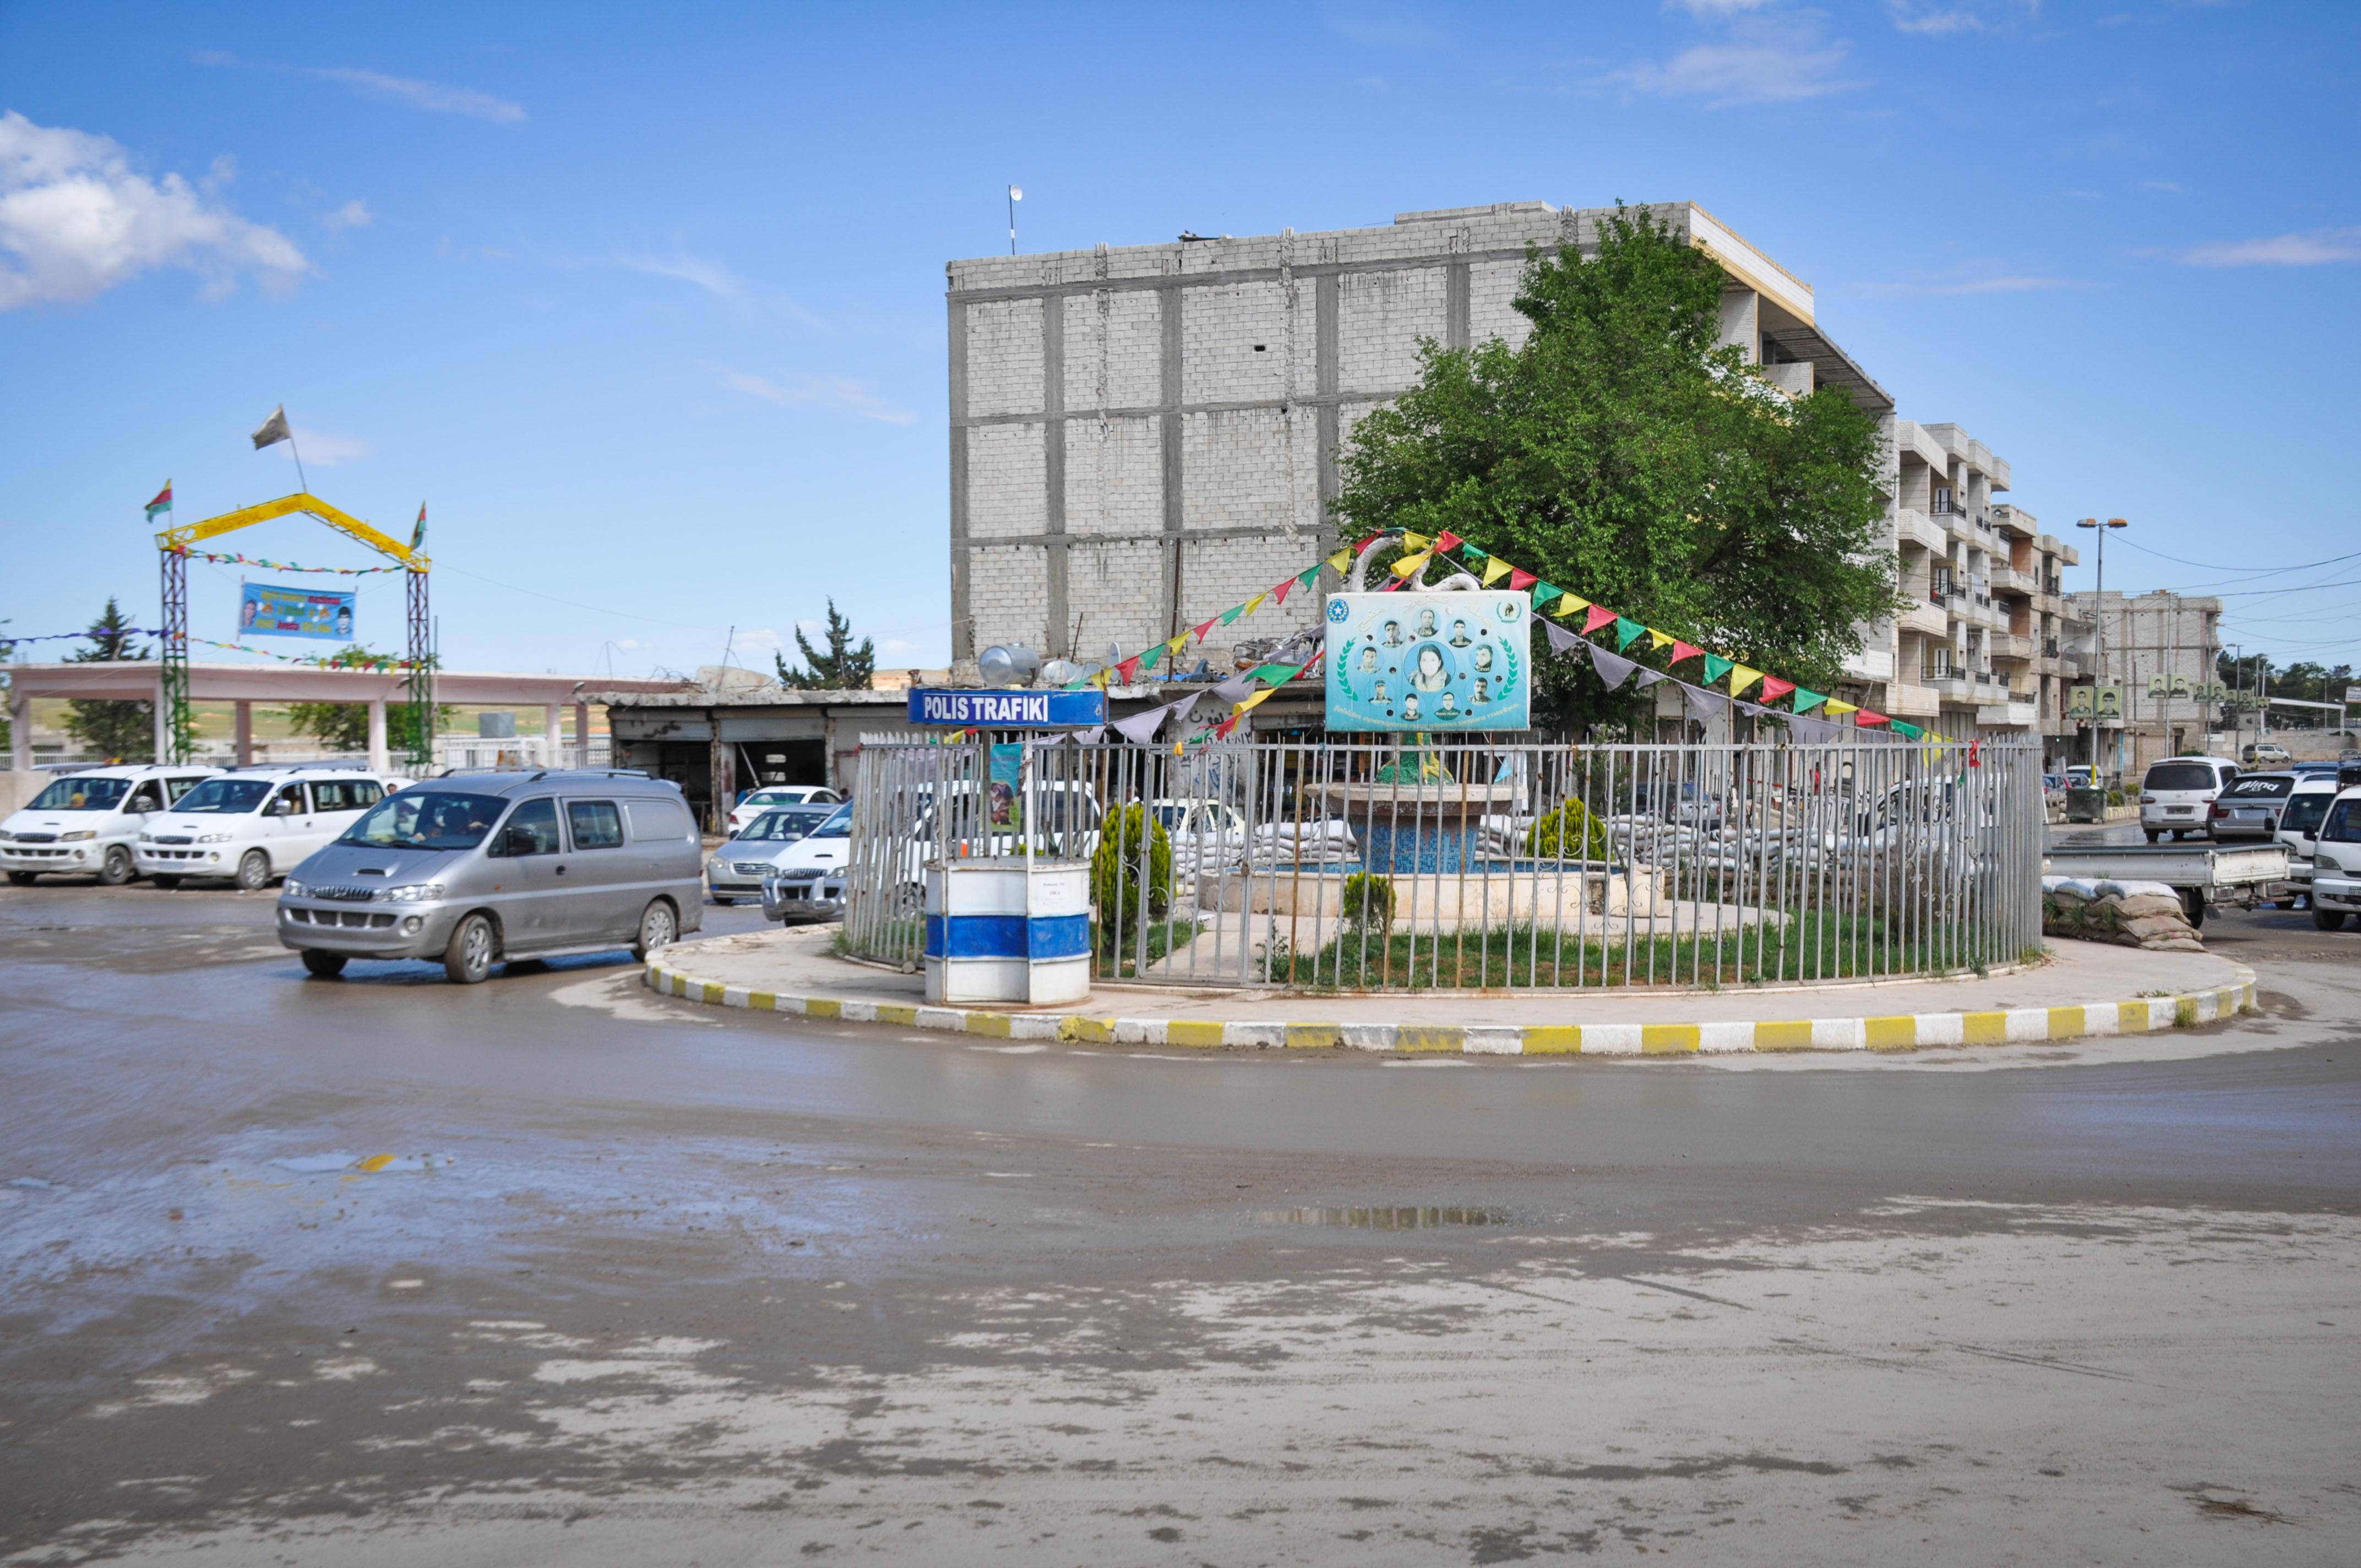 Pirsgirêka qerbalexê li Kobanê zêde bûye, şênî jî gazincan dikin